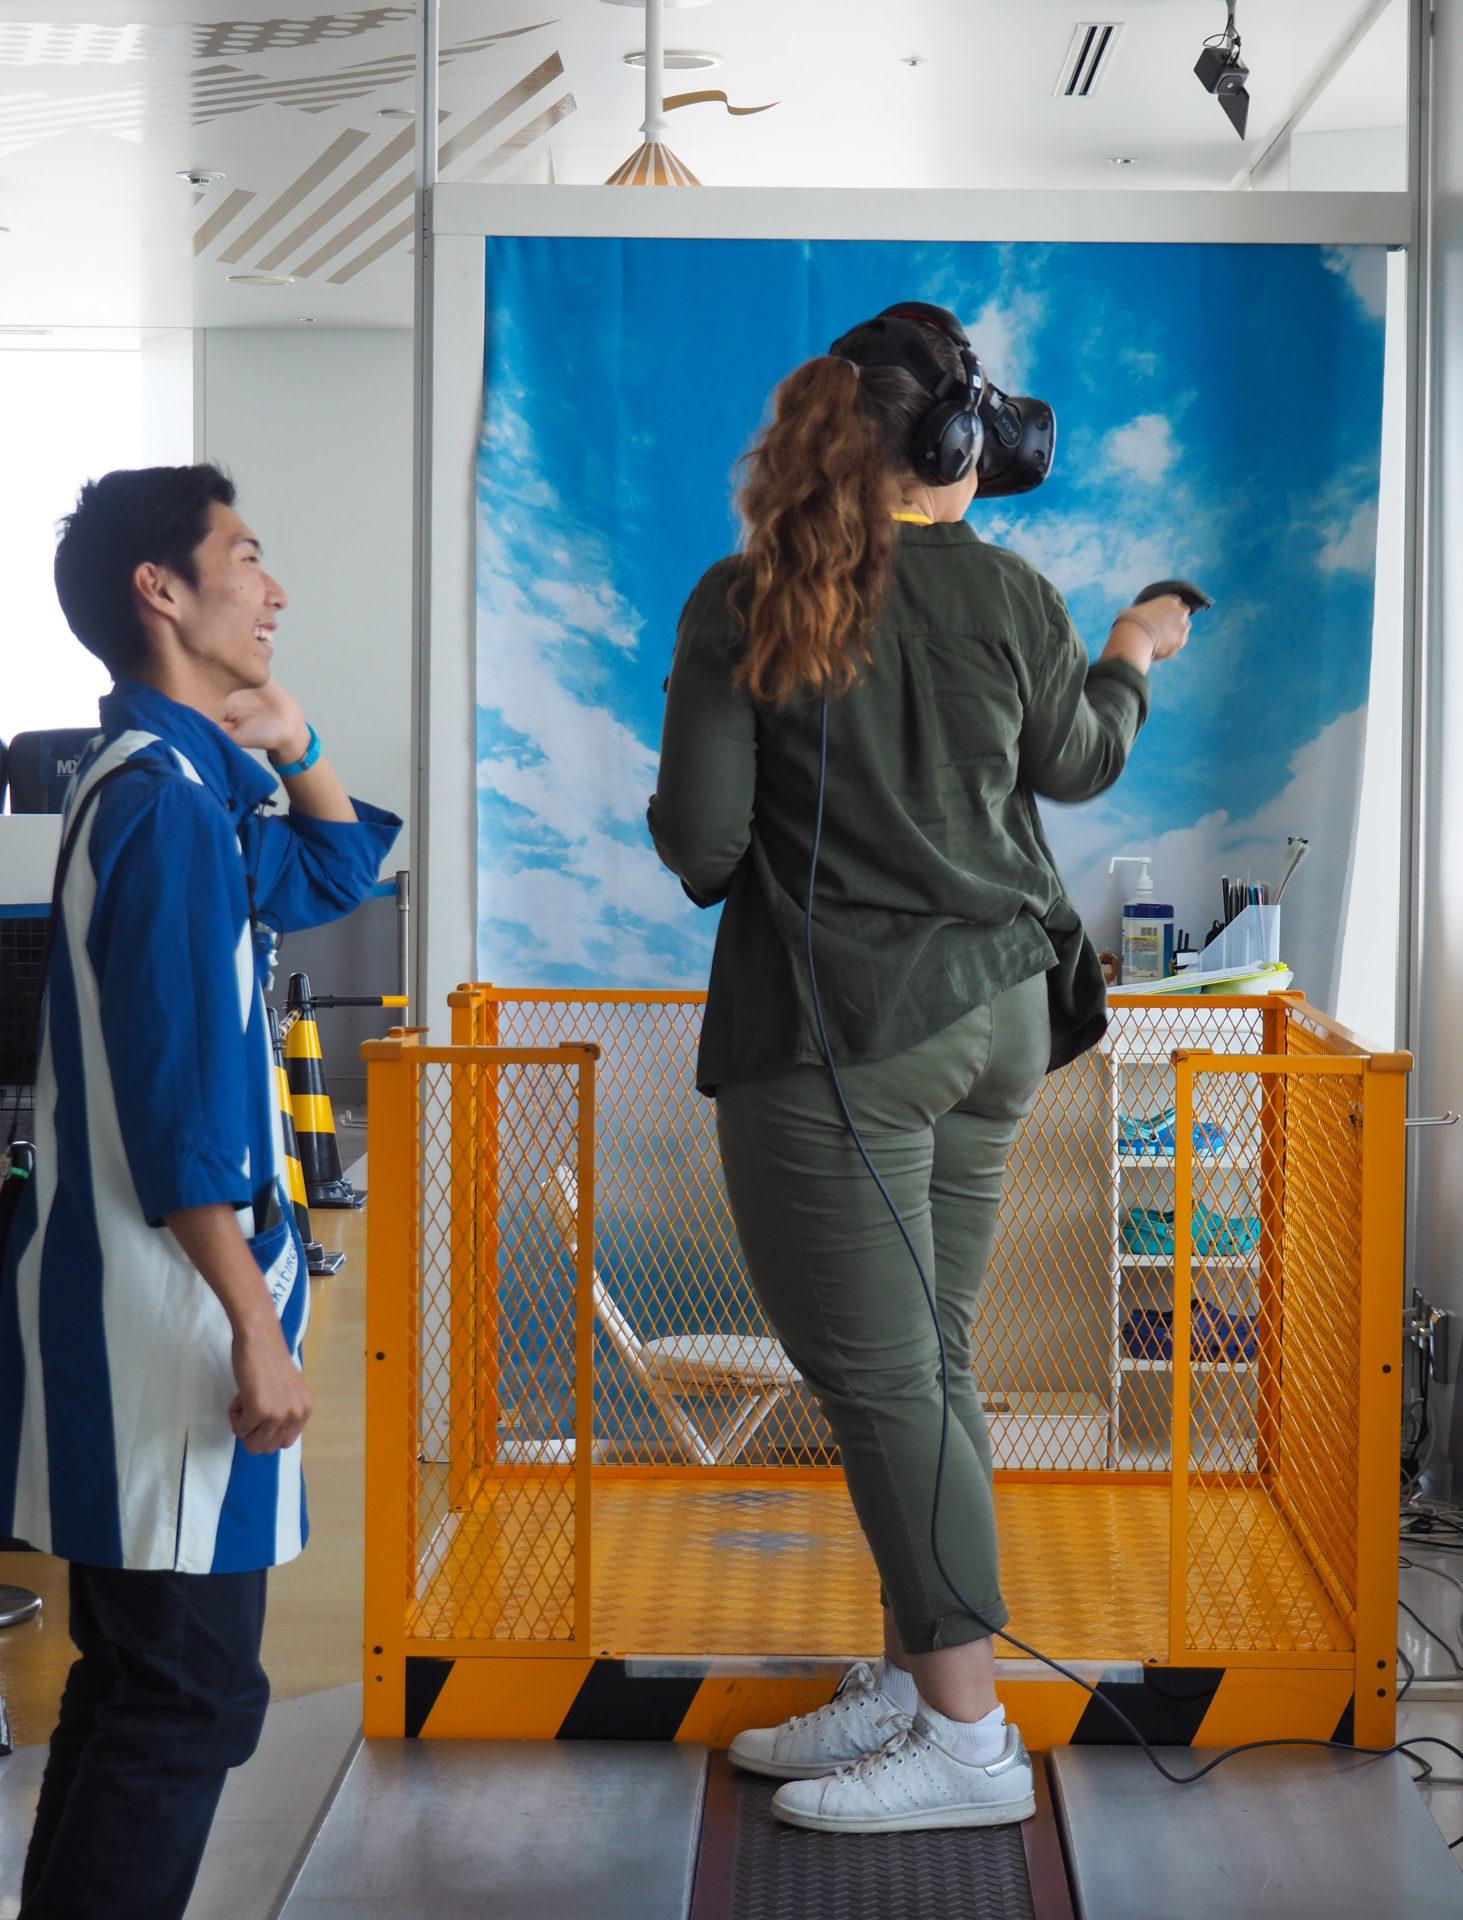 Réalité virtuelle à Sky Circus Sunshine 60 à Ikebukuro - Escale à Tokyo: 24h dans la capitale du Japon - Tokyo en 24h - Récit et itinéraire pour visiter Tokyo en une journée